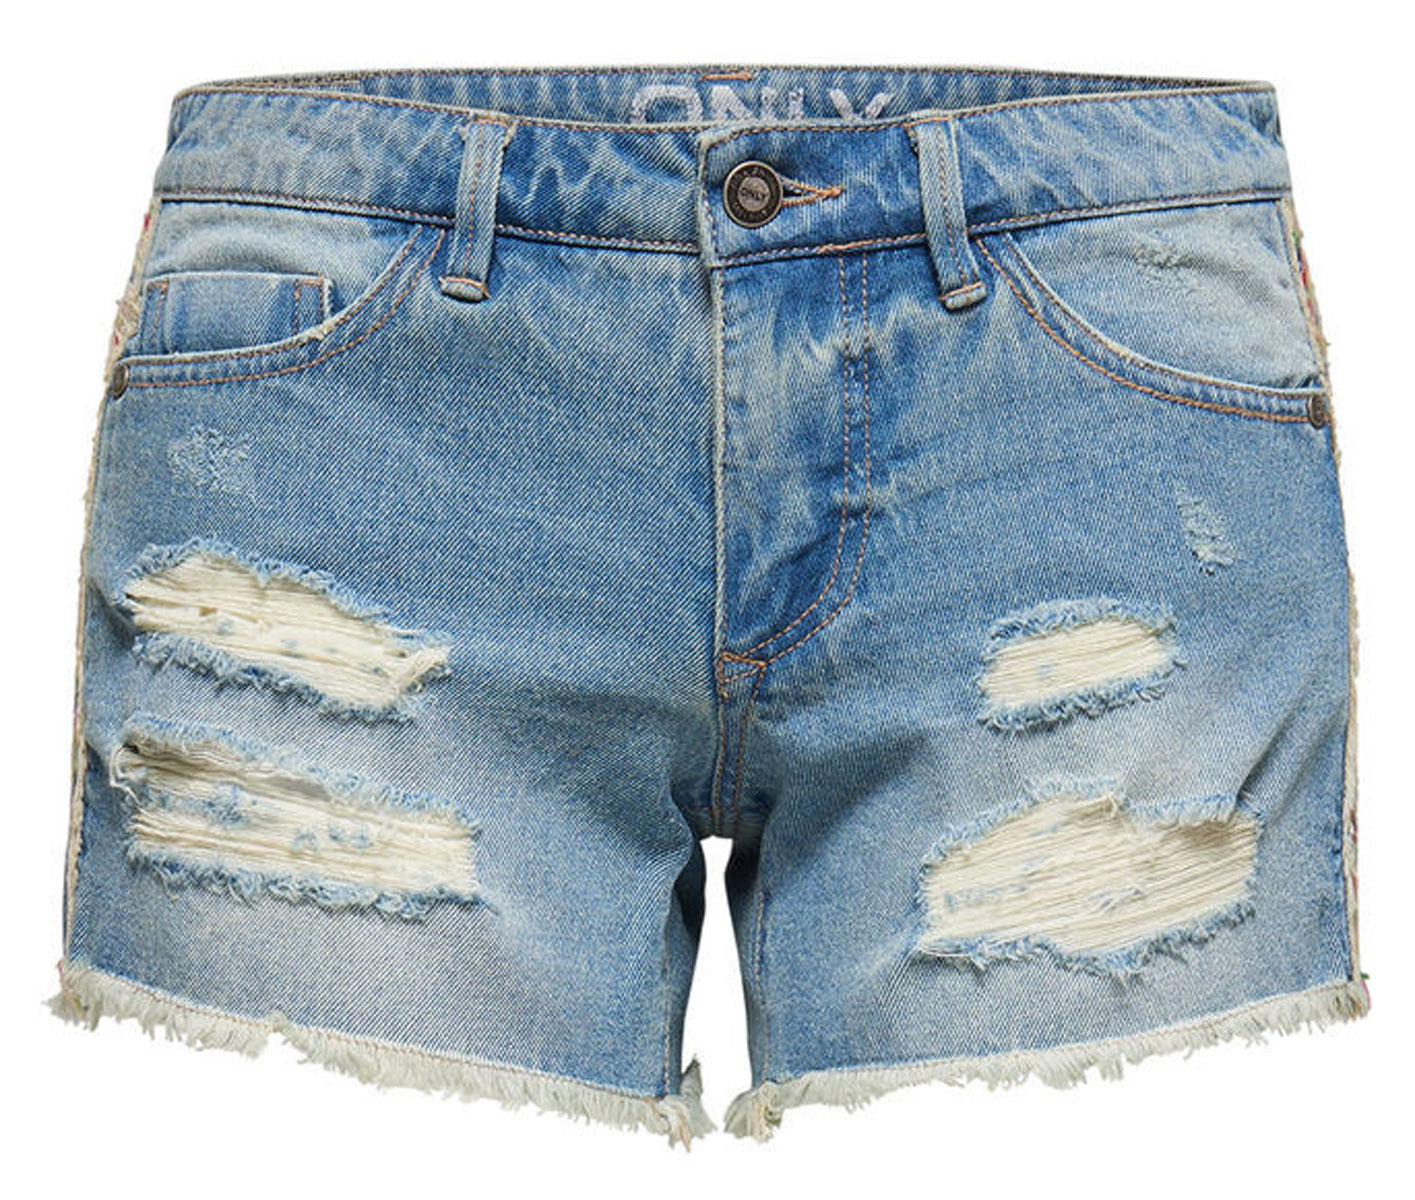 Шорты женские Only, цвет: синий. 15134624_Light Blue Denim. Размер 30 (48)15134624_Light Blue DenimМодные рваные шорты Only помогут создать стильный повседневный образ. Они застегиваются на пуговицу в поясе и ширинку на молнии. Модель имеет среднюю линию талии и классический пятикарманный крой: два втачных кармана и небольшой накладной кармашек спереди, два больших накладных кармана сзади. Пояс дополнен шлевками для ремня и кожаной нашивкой сзади. Сбоку модель украшена разноцветной плетеной лентой.